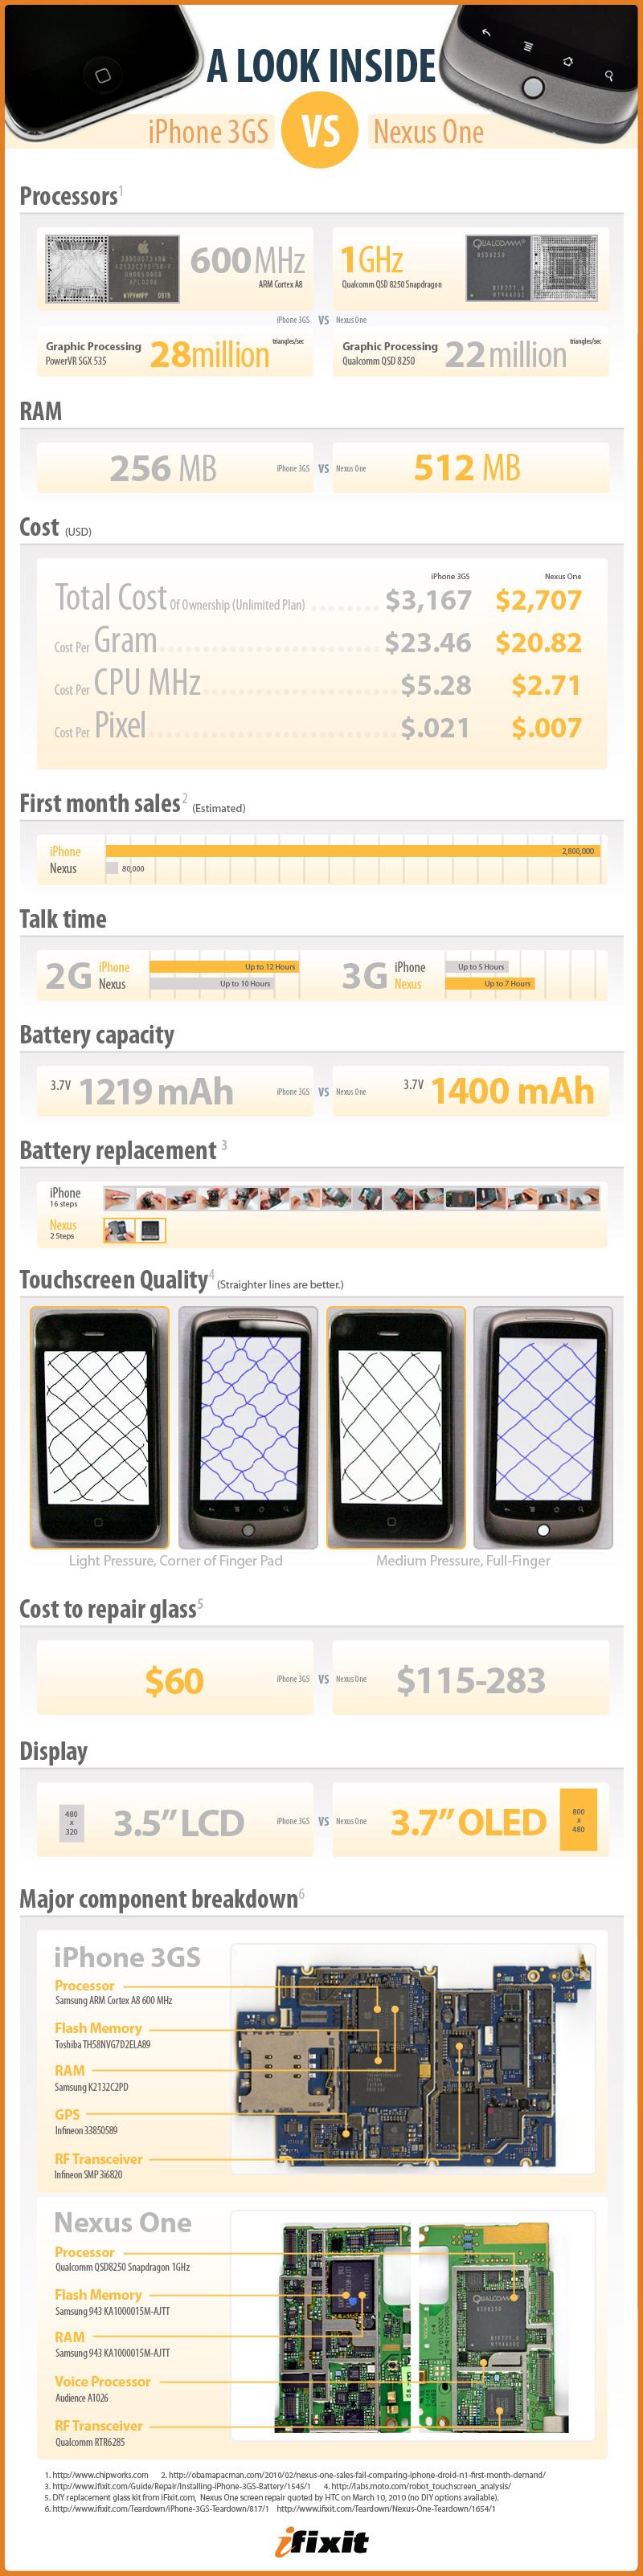 Comparaison iPhone vs Nexus One